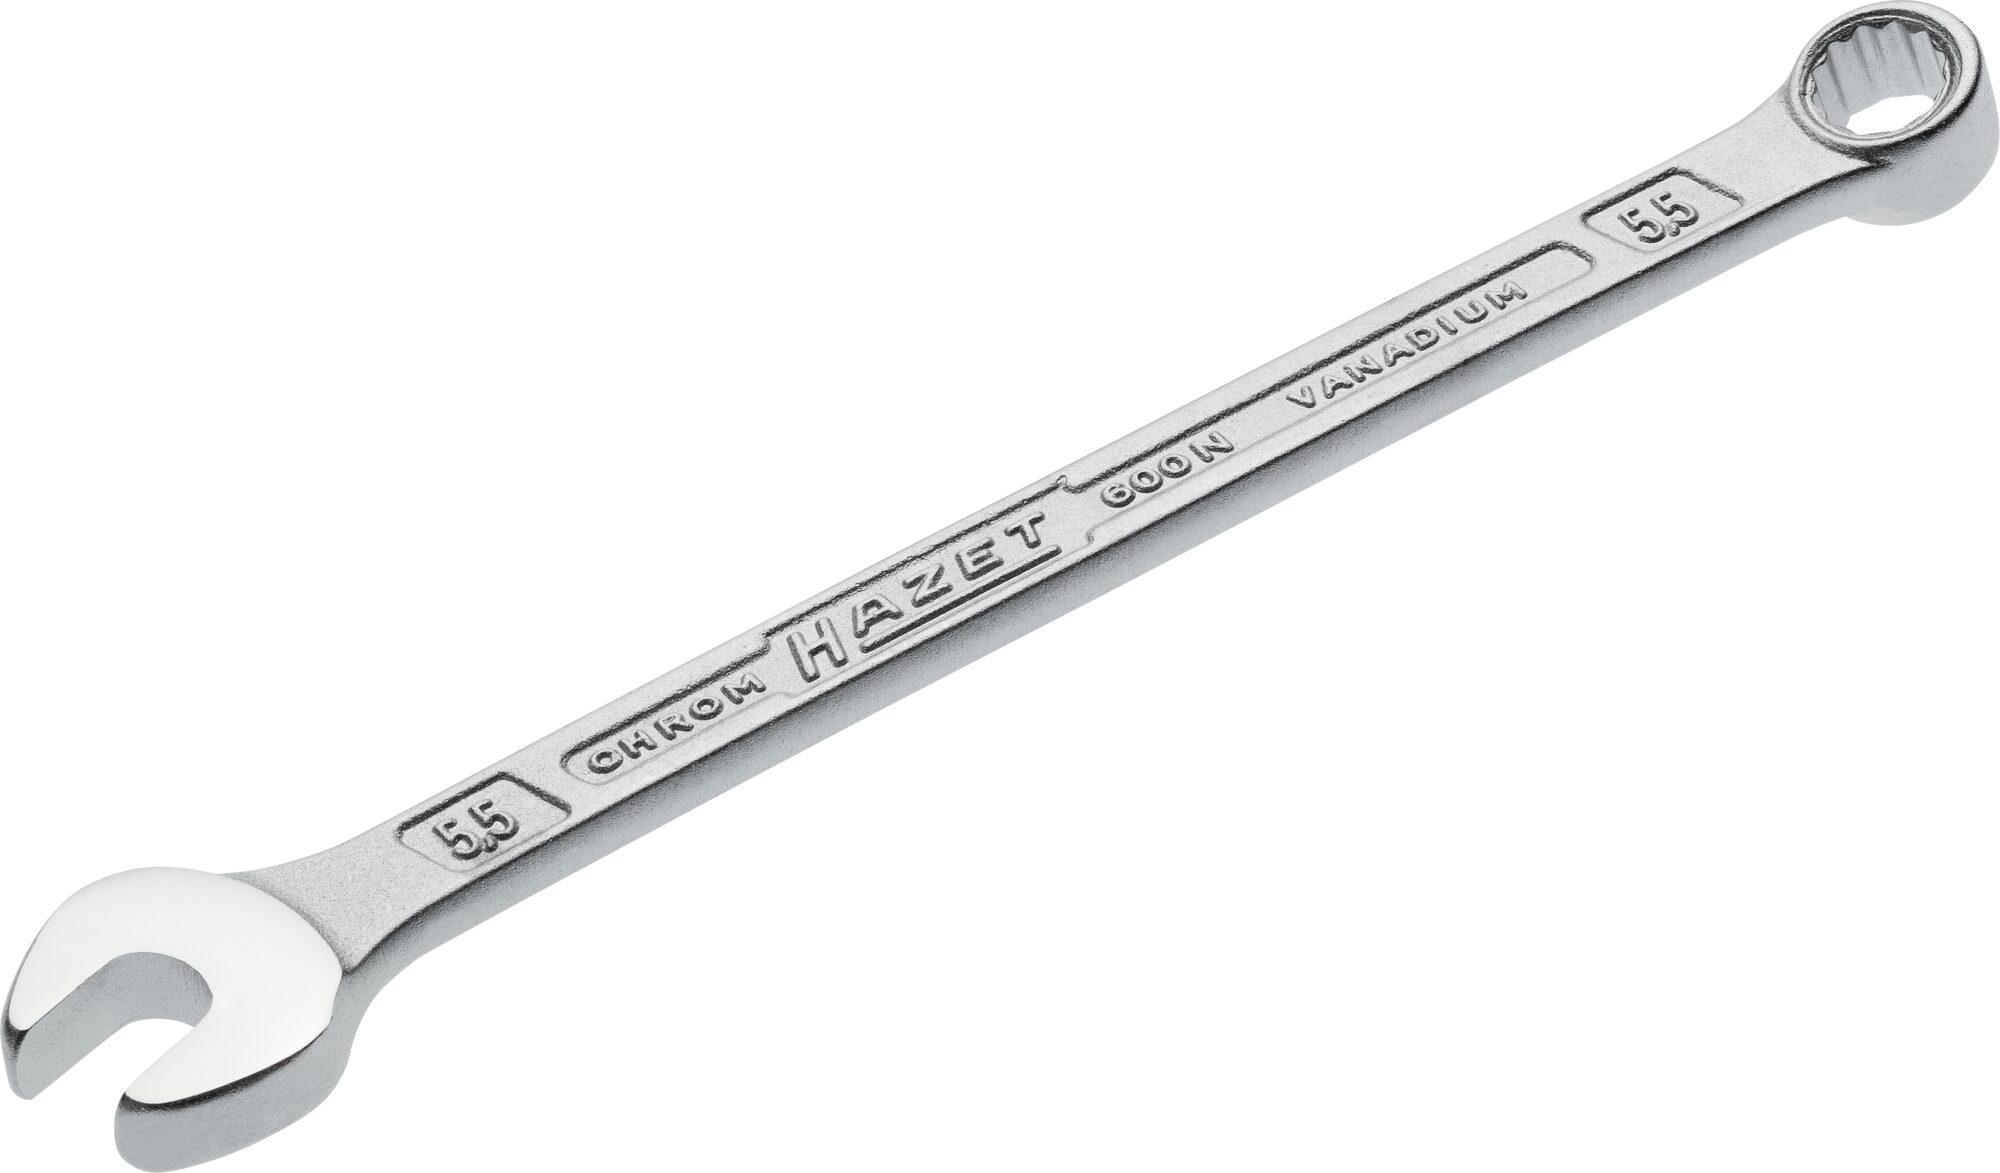 HAZET Ring-Maulschlüssel 600N-5.5 ∙ Außen-Doppel-Sechskant-Tractionsprofil ∙ 5.5 mm